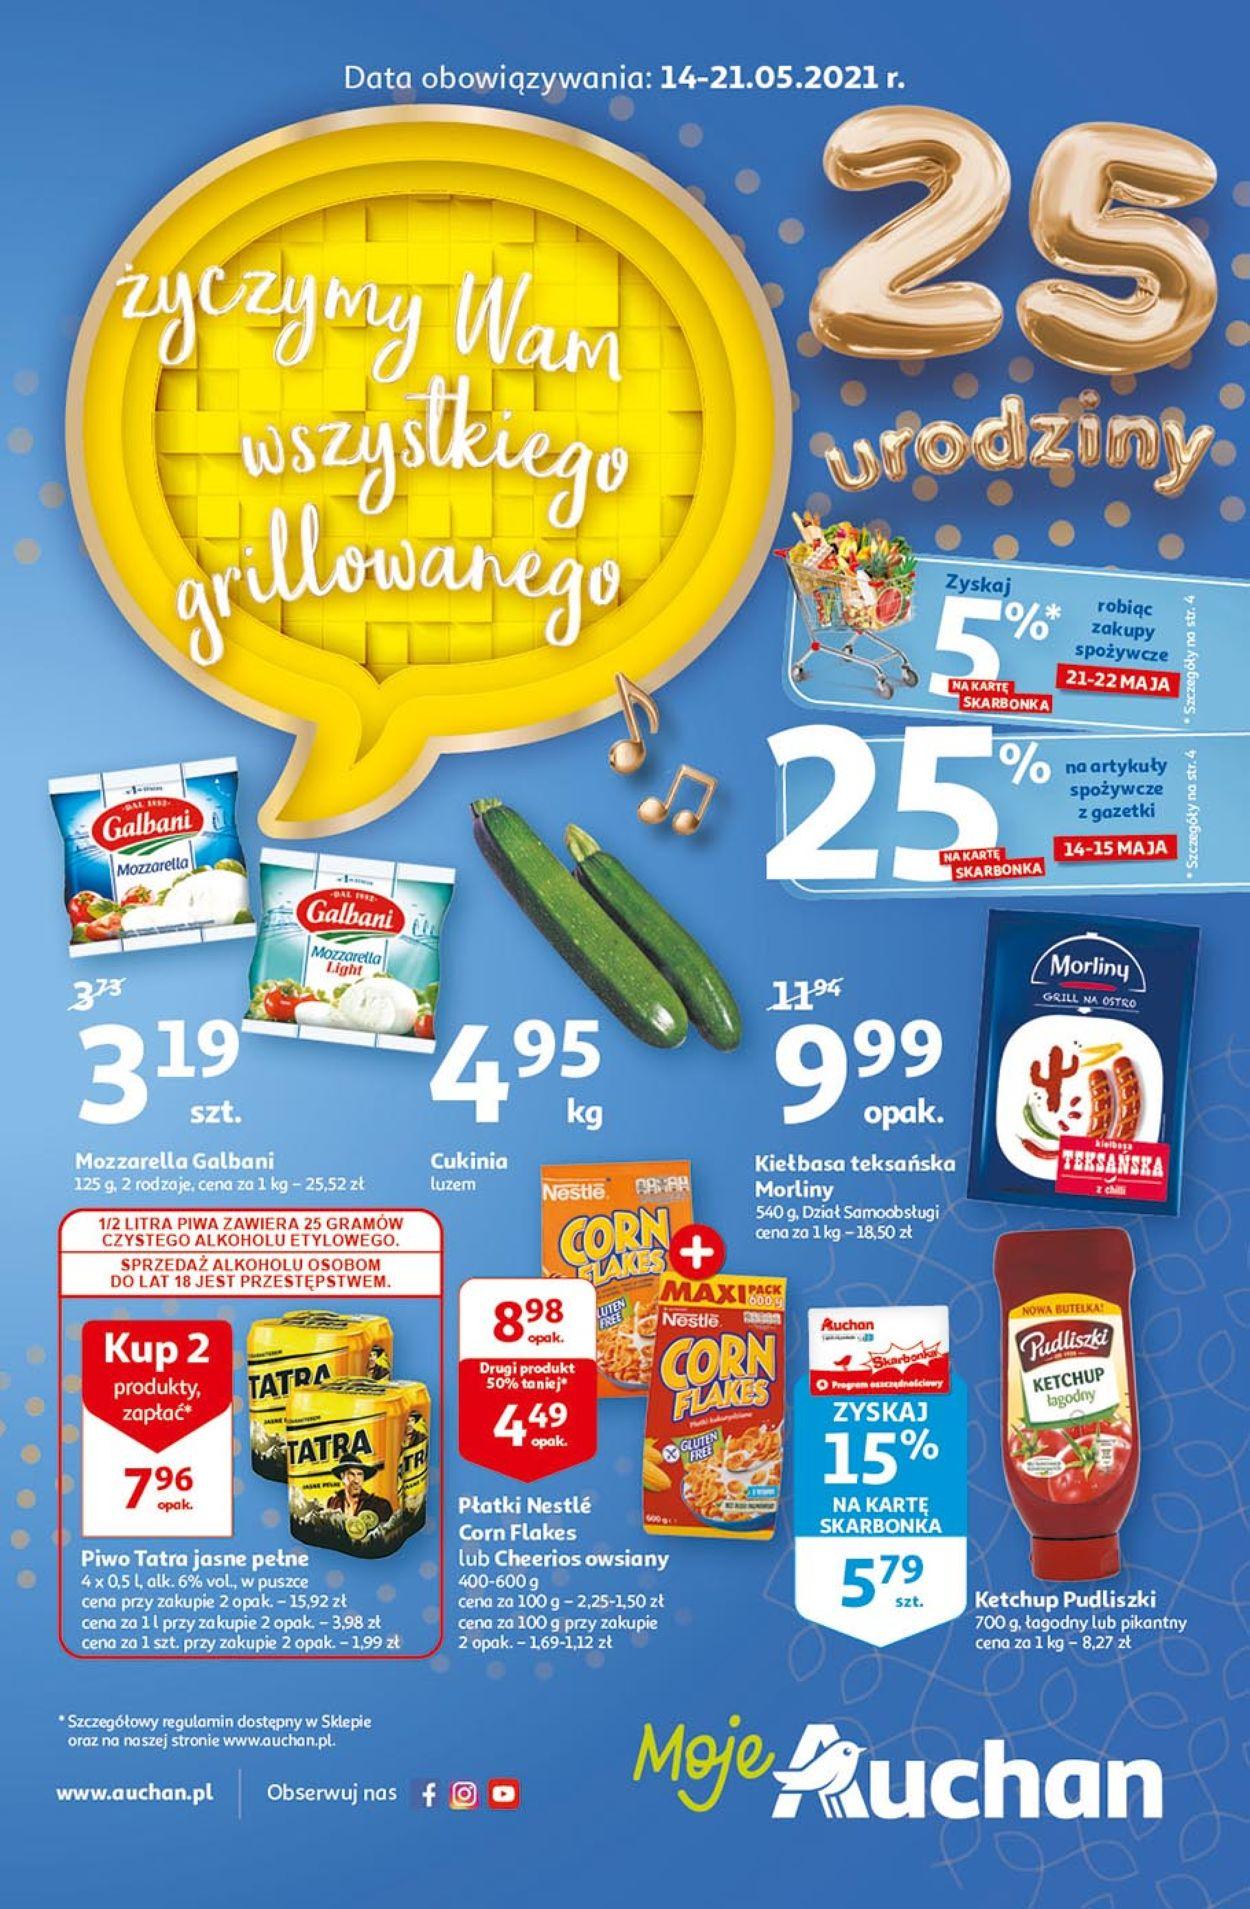 Gazetka promocyjna Auchan - 14.05-21.05.2021